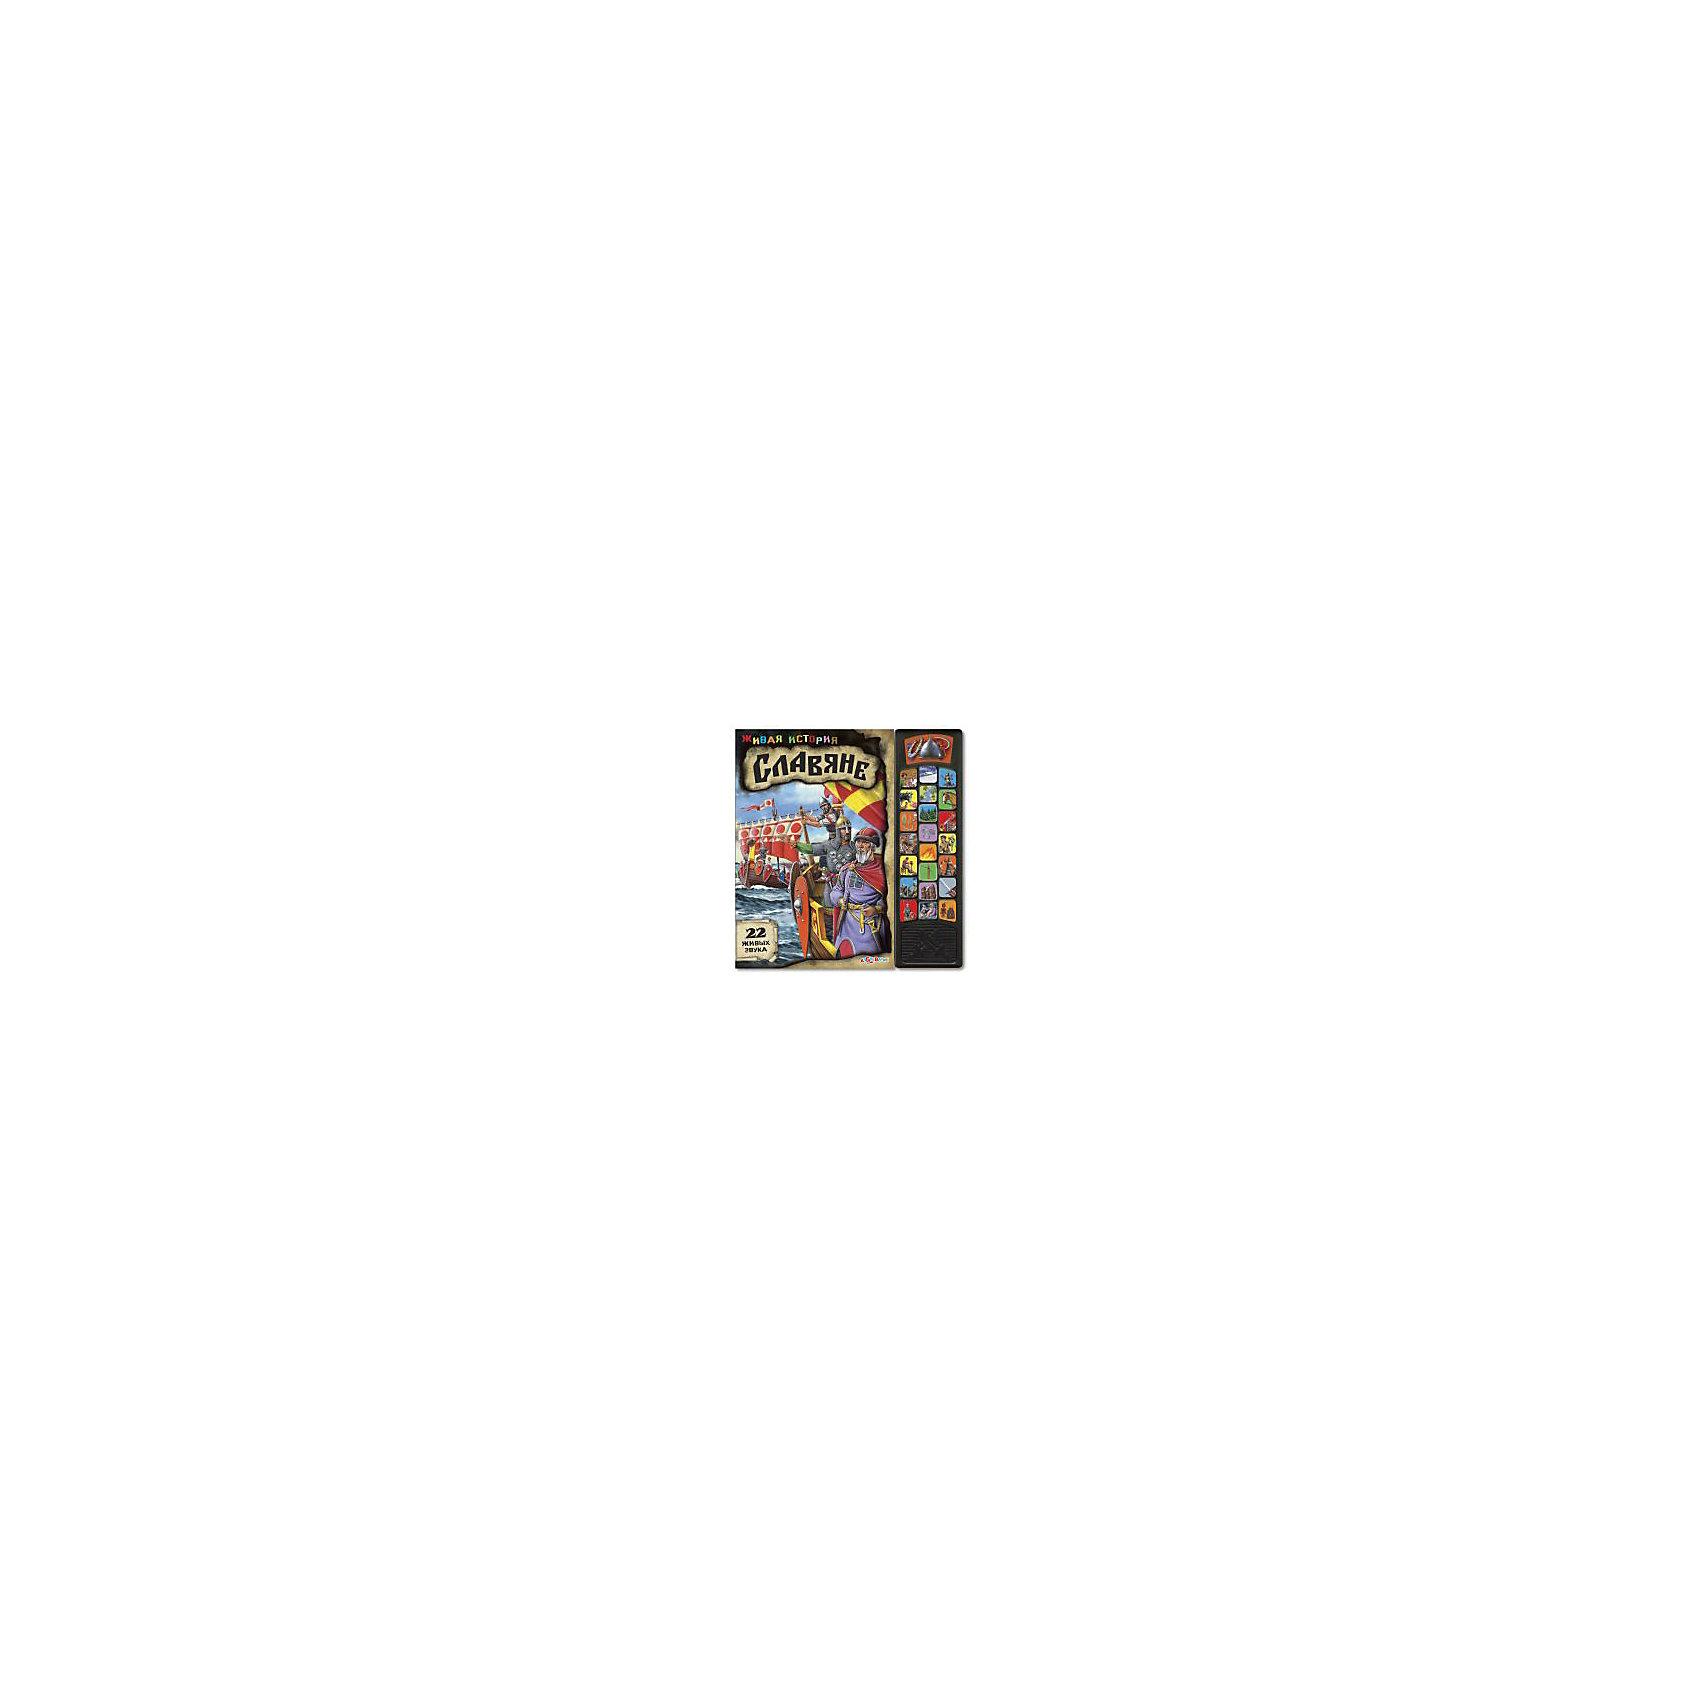 Книга Славяне Живая историяКнига Славяне Живая история – эта красочная книга со звуковым модулем познакомит ребёнка с самыми интересными страницами истории.<br>Книга Славяне серии Живая история со звуковым модулем в увлекательной форме познакомит ребенка с древними славянами. На страницах издания он сможет узнать: Как жили древние славяне? С кем сражались? В каких богов они верили? Специальный значок в тексте подскажет ребенку, какую из 22 кнопок следует нажать, чтобы повествование наполнилось веселыми криками с праздничной ярмарки, звонким шумом кузницы, звуками природы или боевыми выкриками отважных воинов. Такое звуковое сопровождение текста делает чтение еще более увлекательным и интересным.<br><br>Дополнительная информация:<br><br>- Автор-составитель: Л. Харько<br>- Художник: А. Бушкин<br>- Издательство: Азбукварик Групп<br>- Серия: Живая история<br>- Тип обложки: картон<br>- Оформление: со звуковым модулем<br>- Количество страниц: 14 (картон)<br>- Иллюстрации: цветные<br>- Батарейки: 3 типа AG13/ LR44 (в комплекте демонстрационные)<br>- Размер: 240х20х230 мм.<br>- Вес: 674 гр.<br><br>Книгу Славяне Живая история можно купить в нашем интернет-магазине.<br><br>Ширина мм: 240<br>Глубина мм: 20<br>Высота мм: 230<br>Вес г: 674<br>Возраст от месяцев: 36<br>Возраст до месяцев: 72<br>Пол: Унисекс<br>Возраст: Детский<br>SKU: 4663830